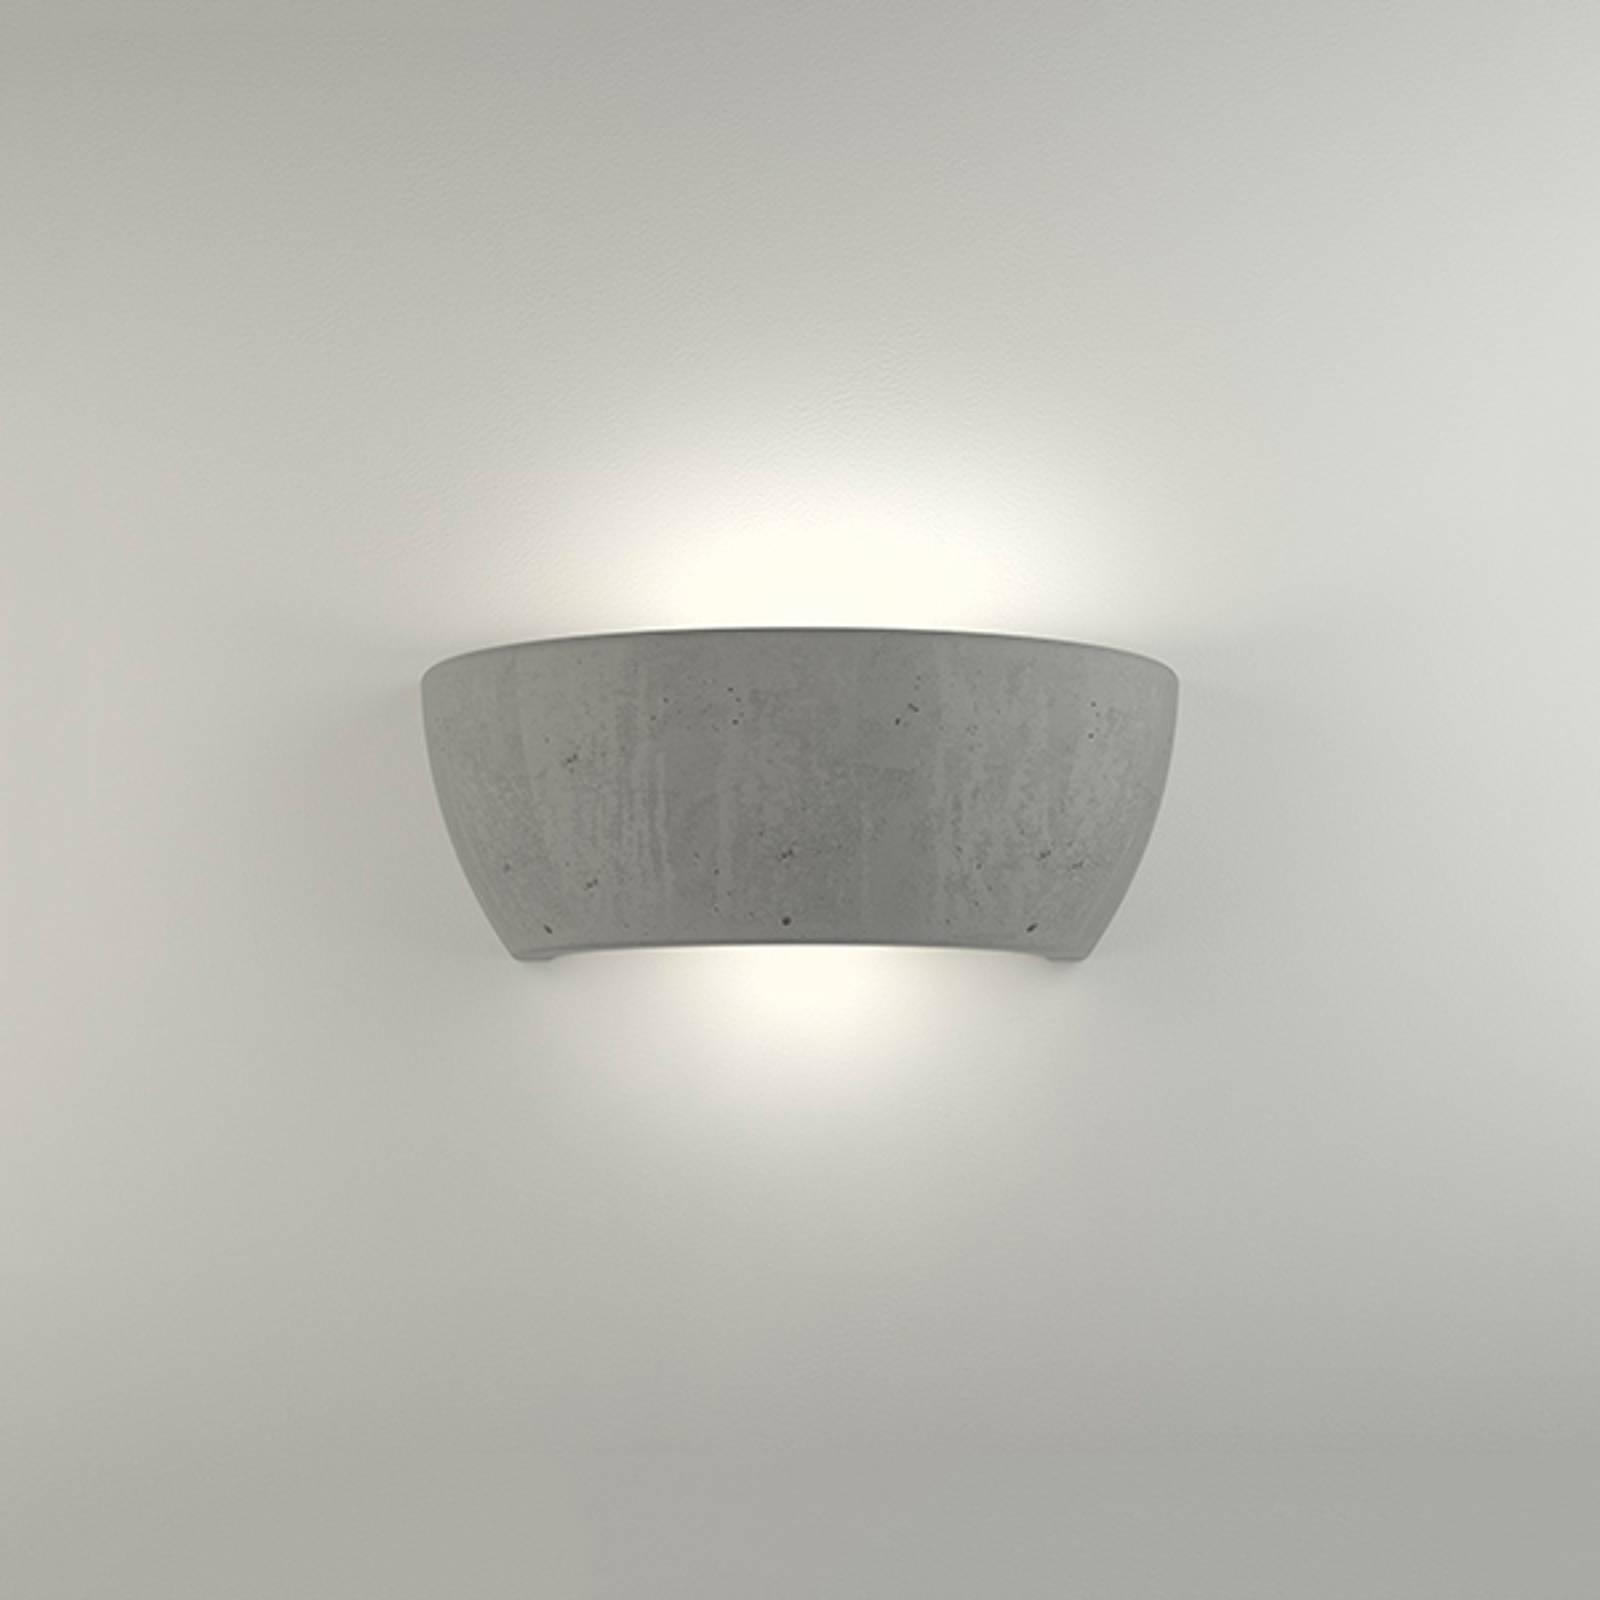 LED-seinävalo 2457 betoni, 3000K, ei himmennettävä